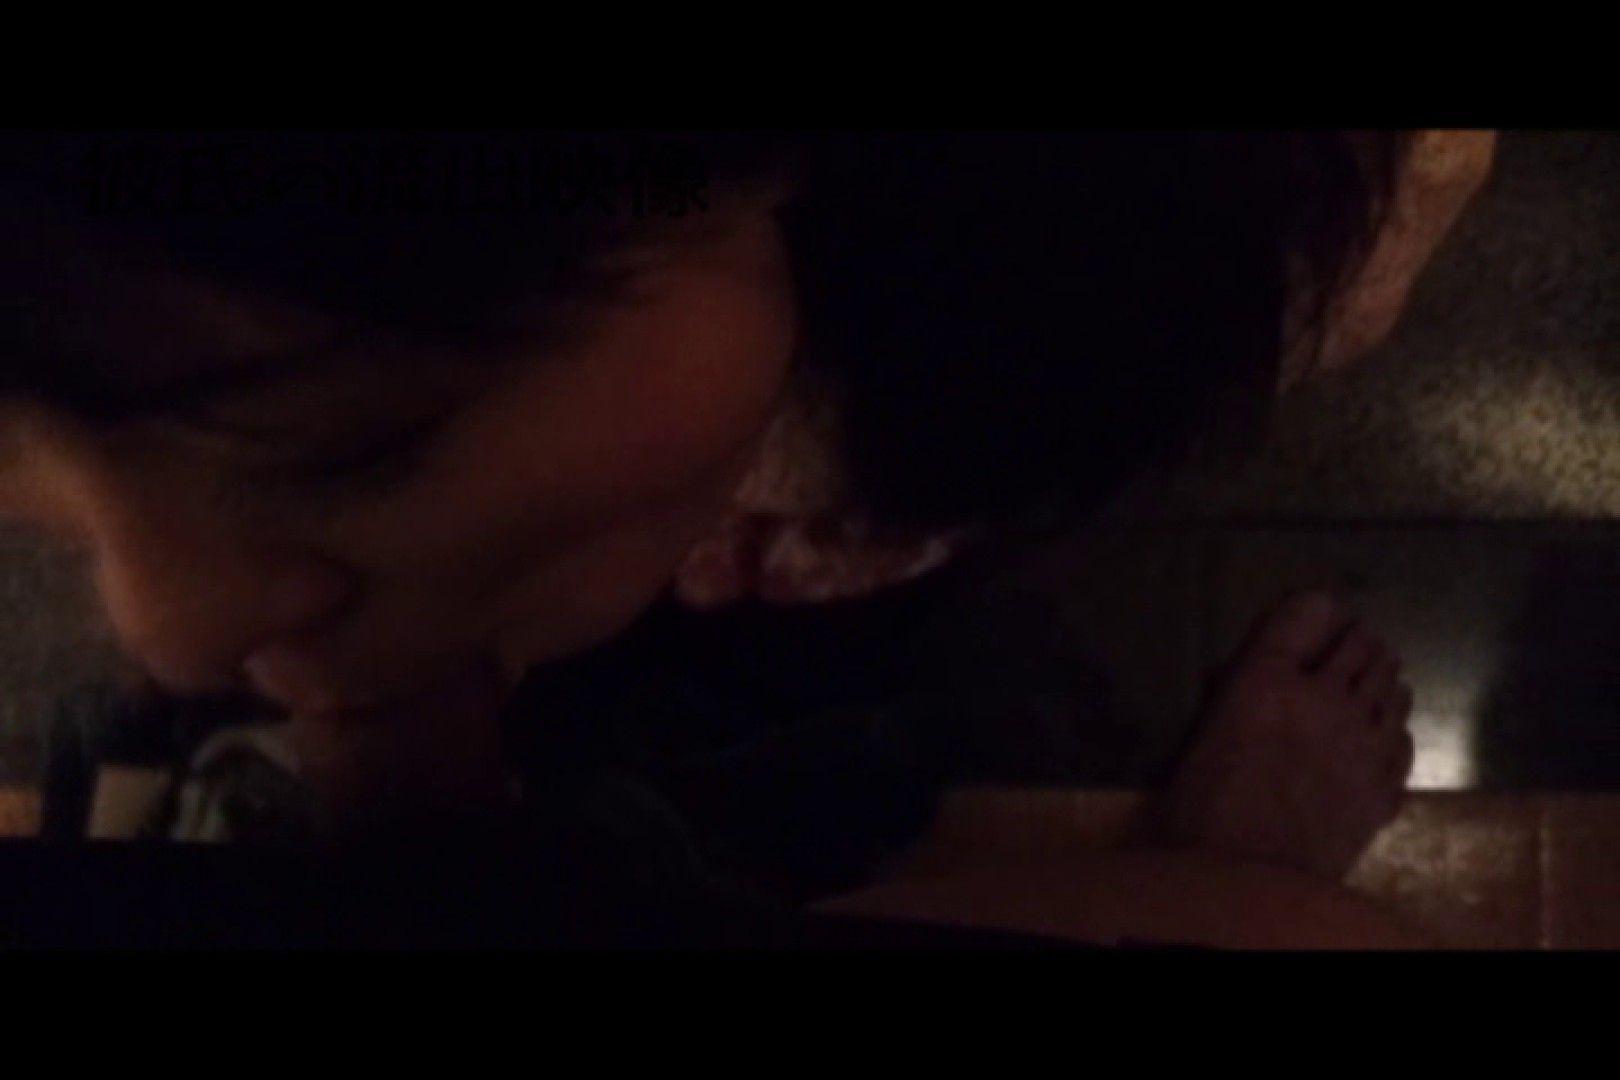 彼氏が流出 パイパン素人嬢のハメ撮り映像03 カップル  36連発 21